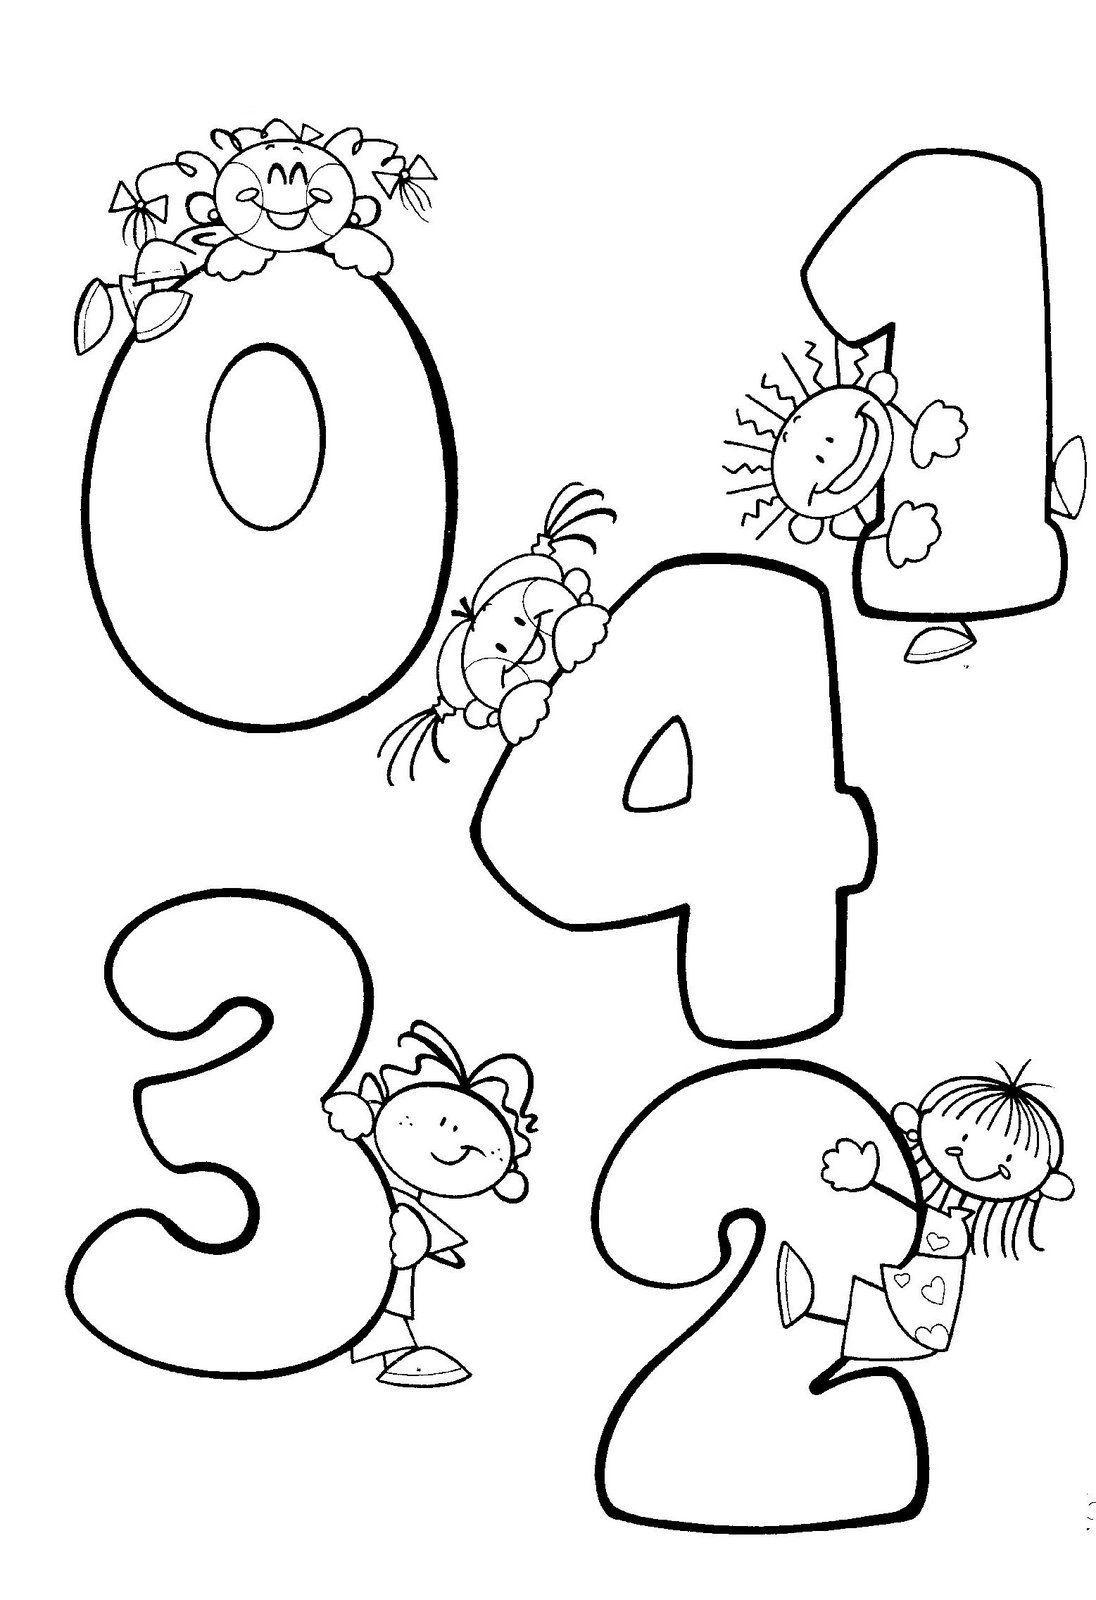 Dibujos Para Colorear Preescolar Numeros 0 1 2 3 4 Cero Uno Dos Tres Cuatro